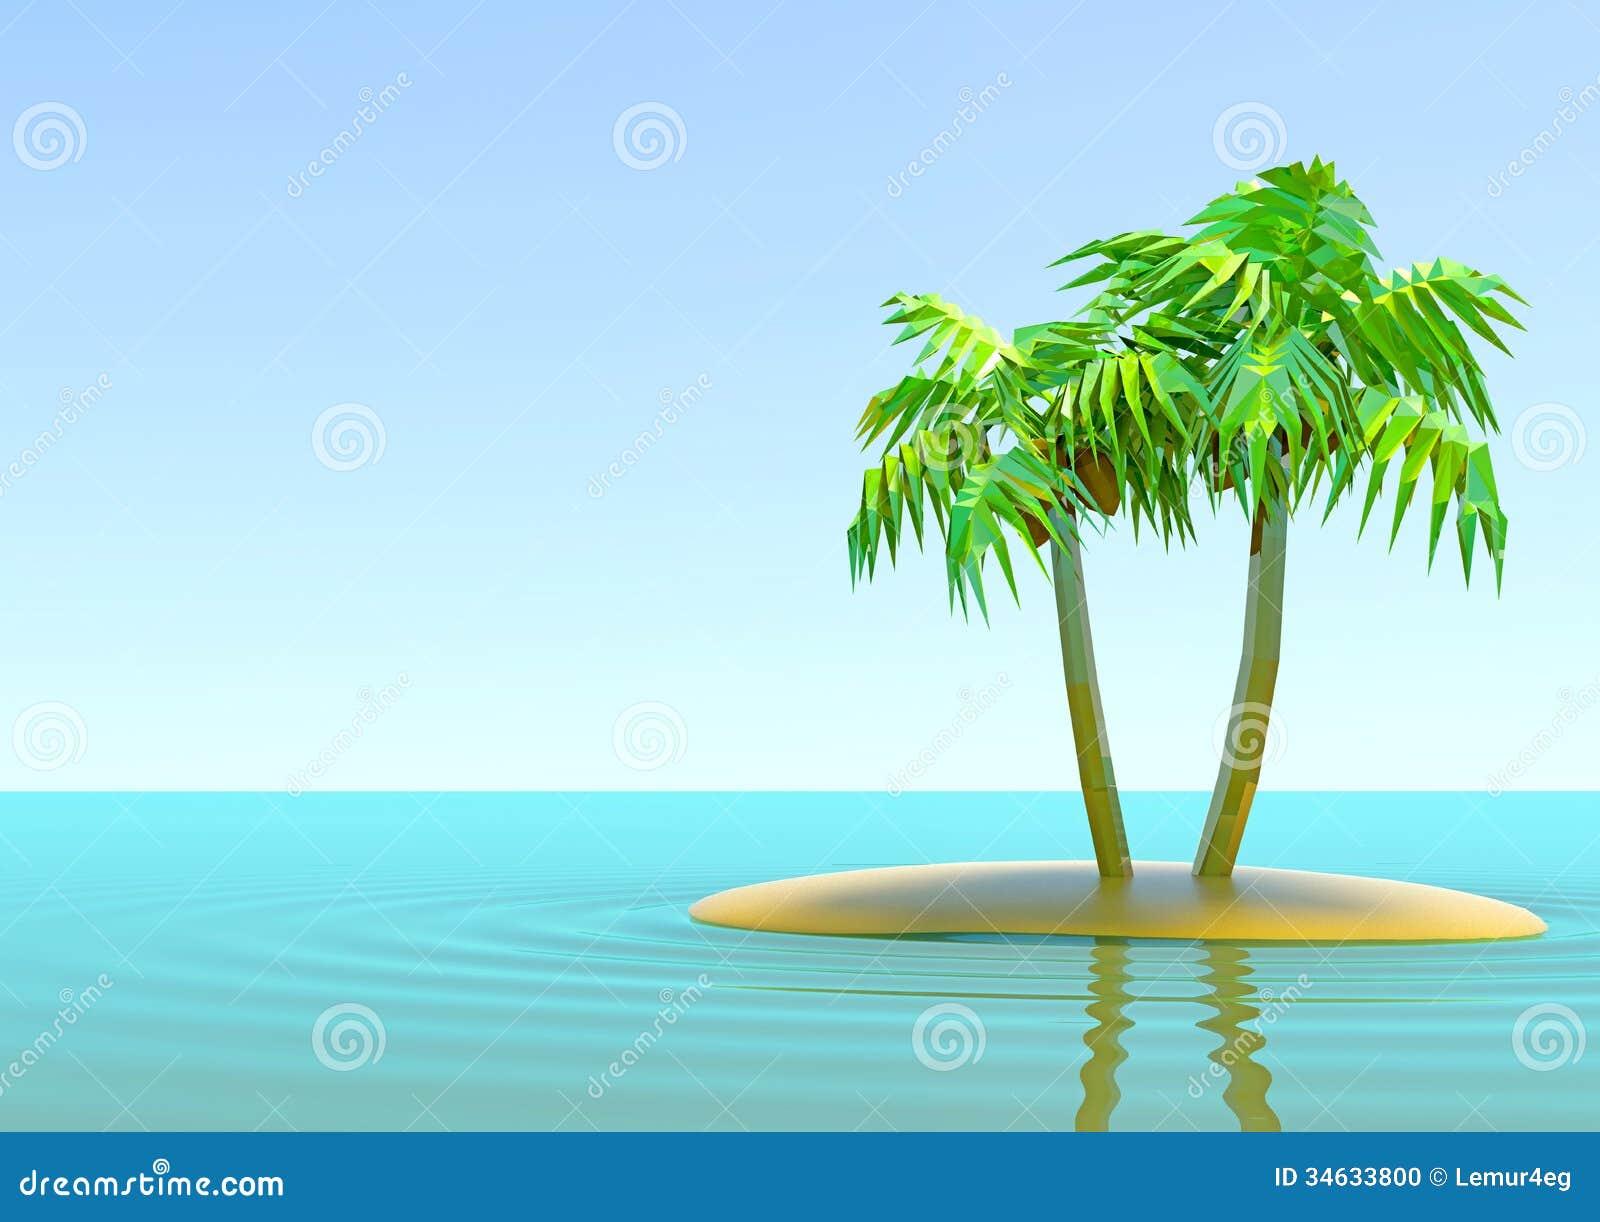 остров клипарт: